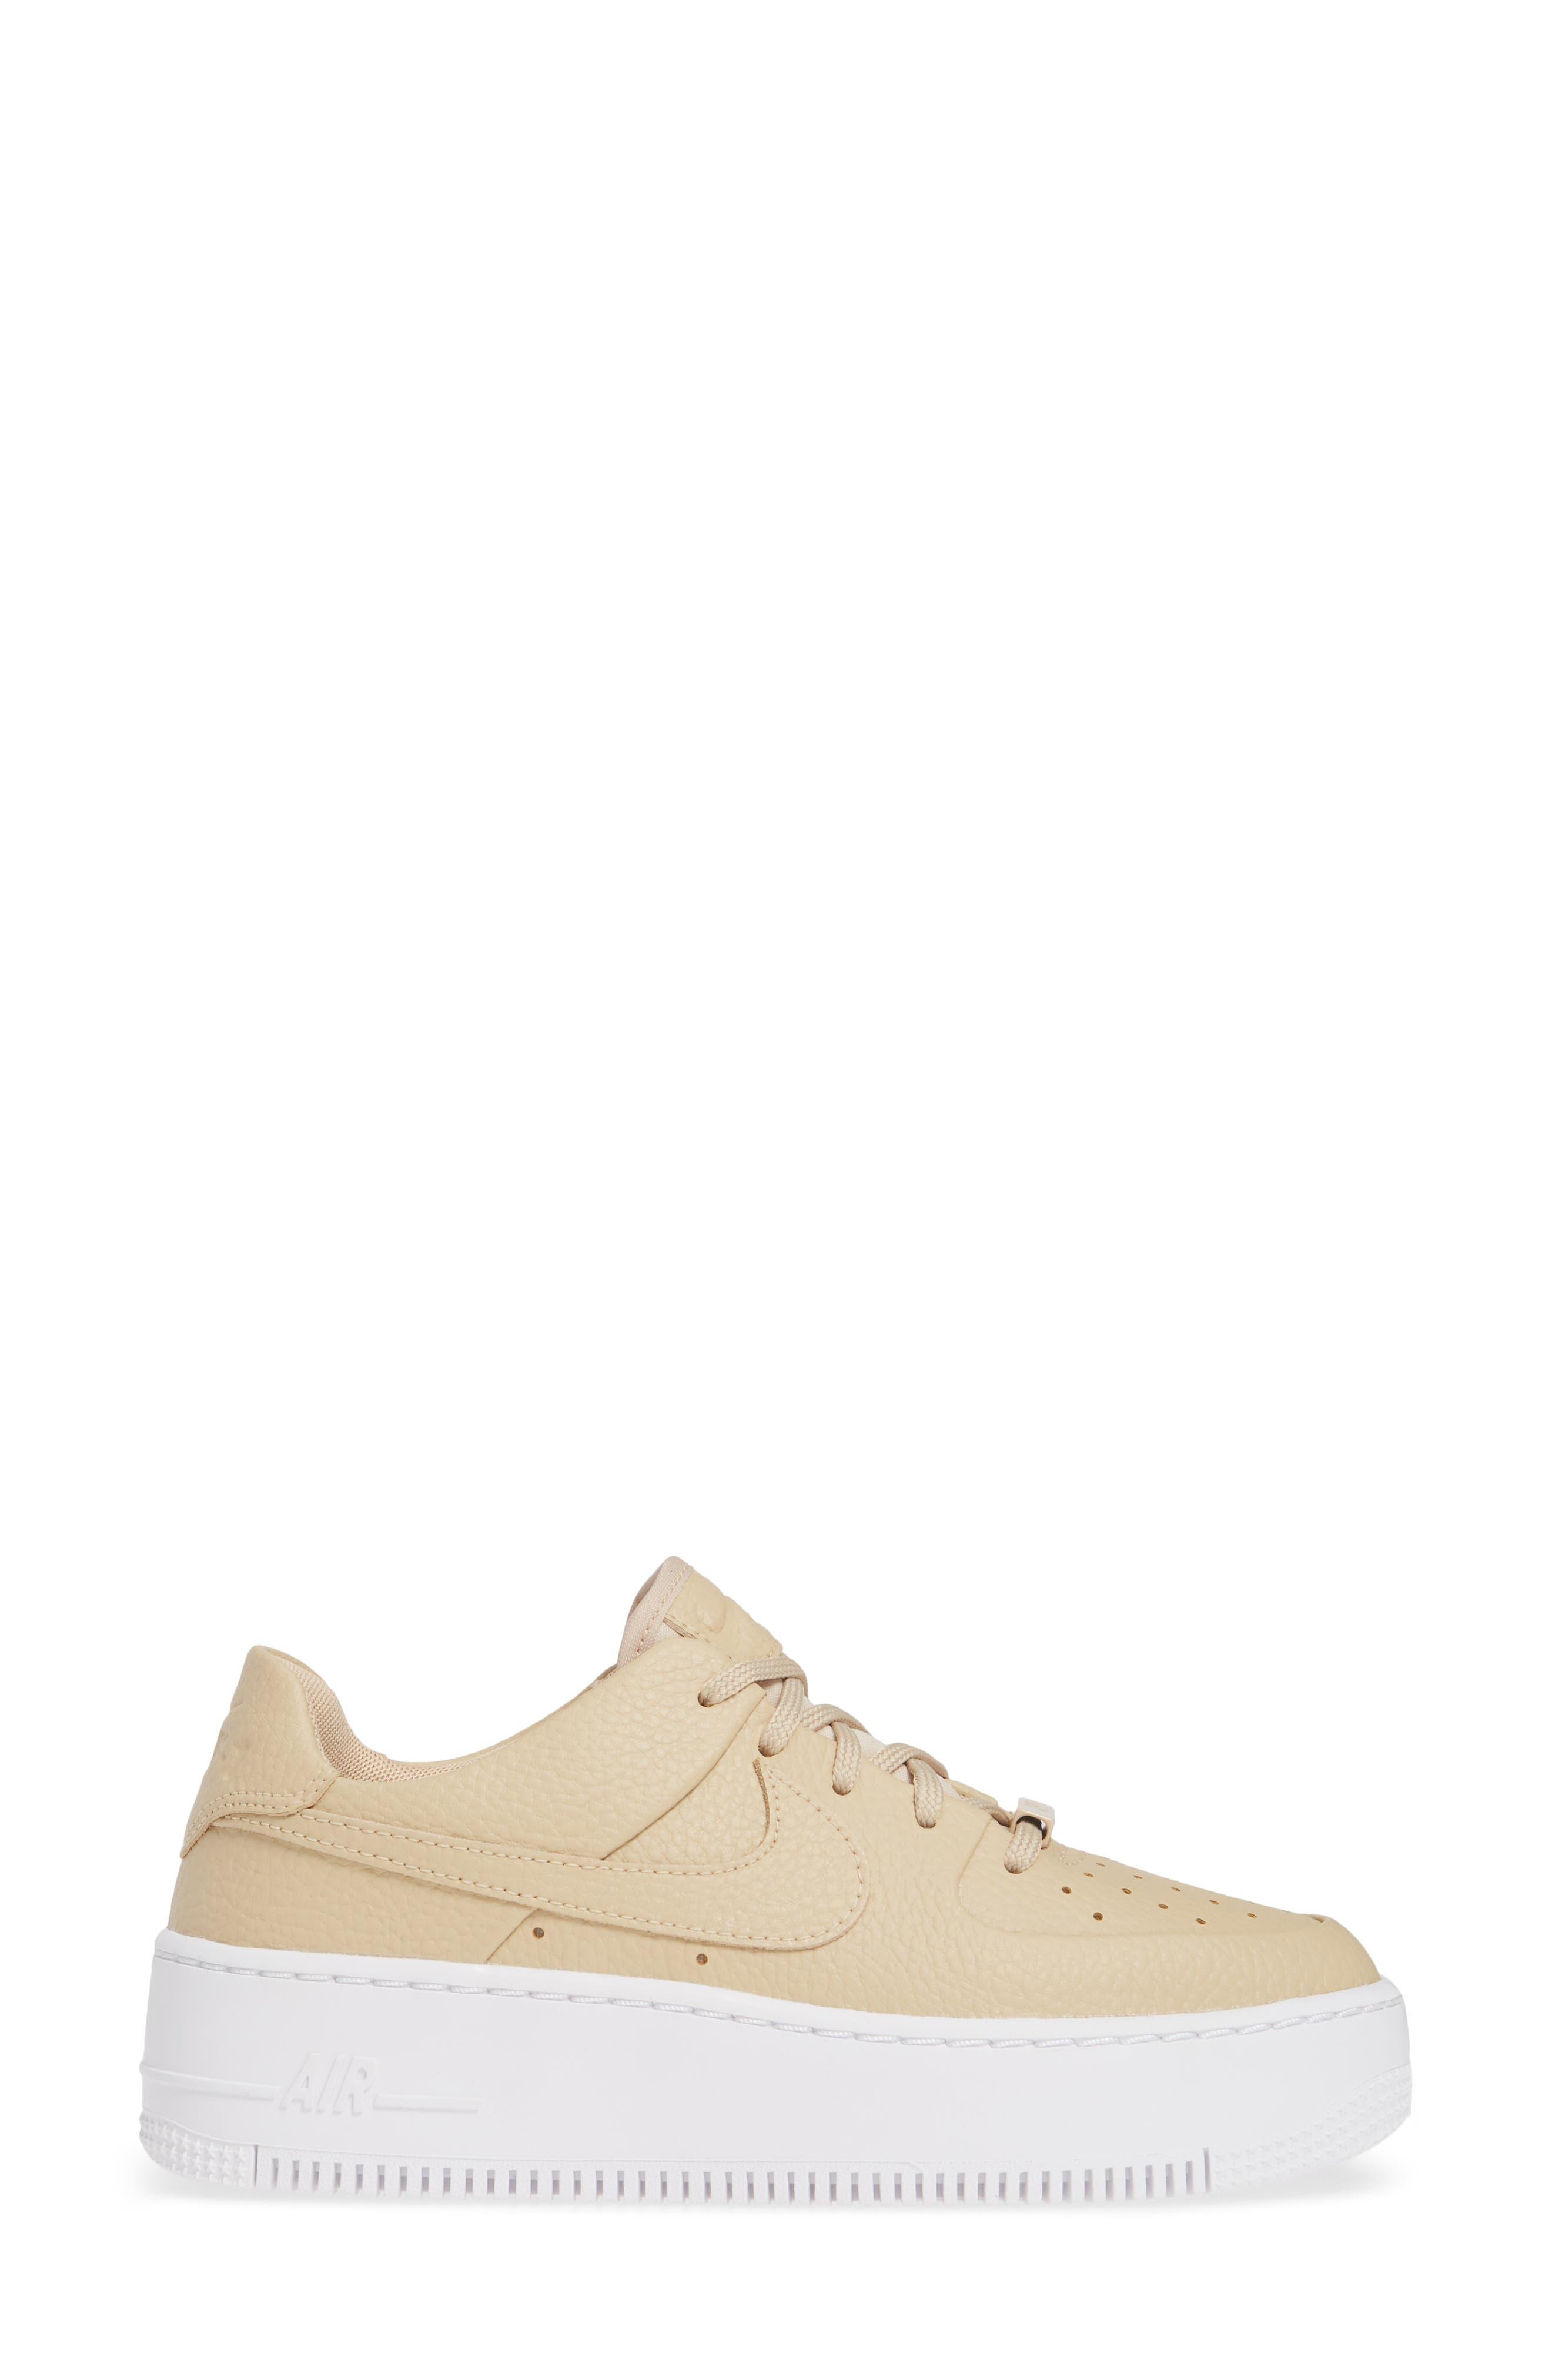 Nike | Air Force 1 Sage Low Sneaker